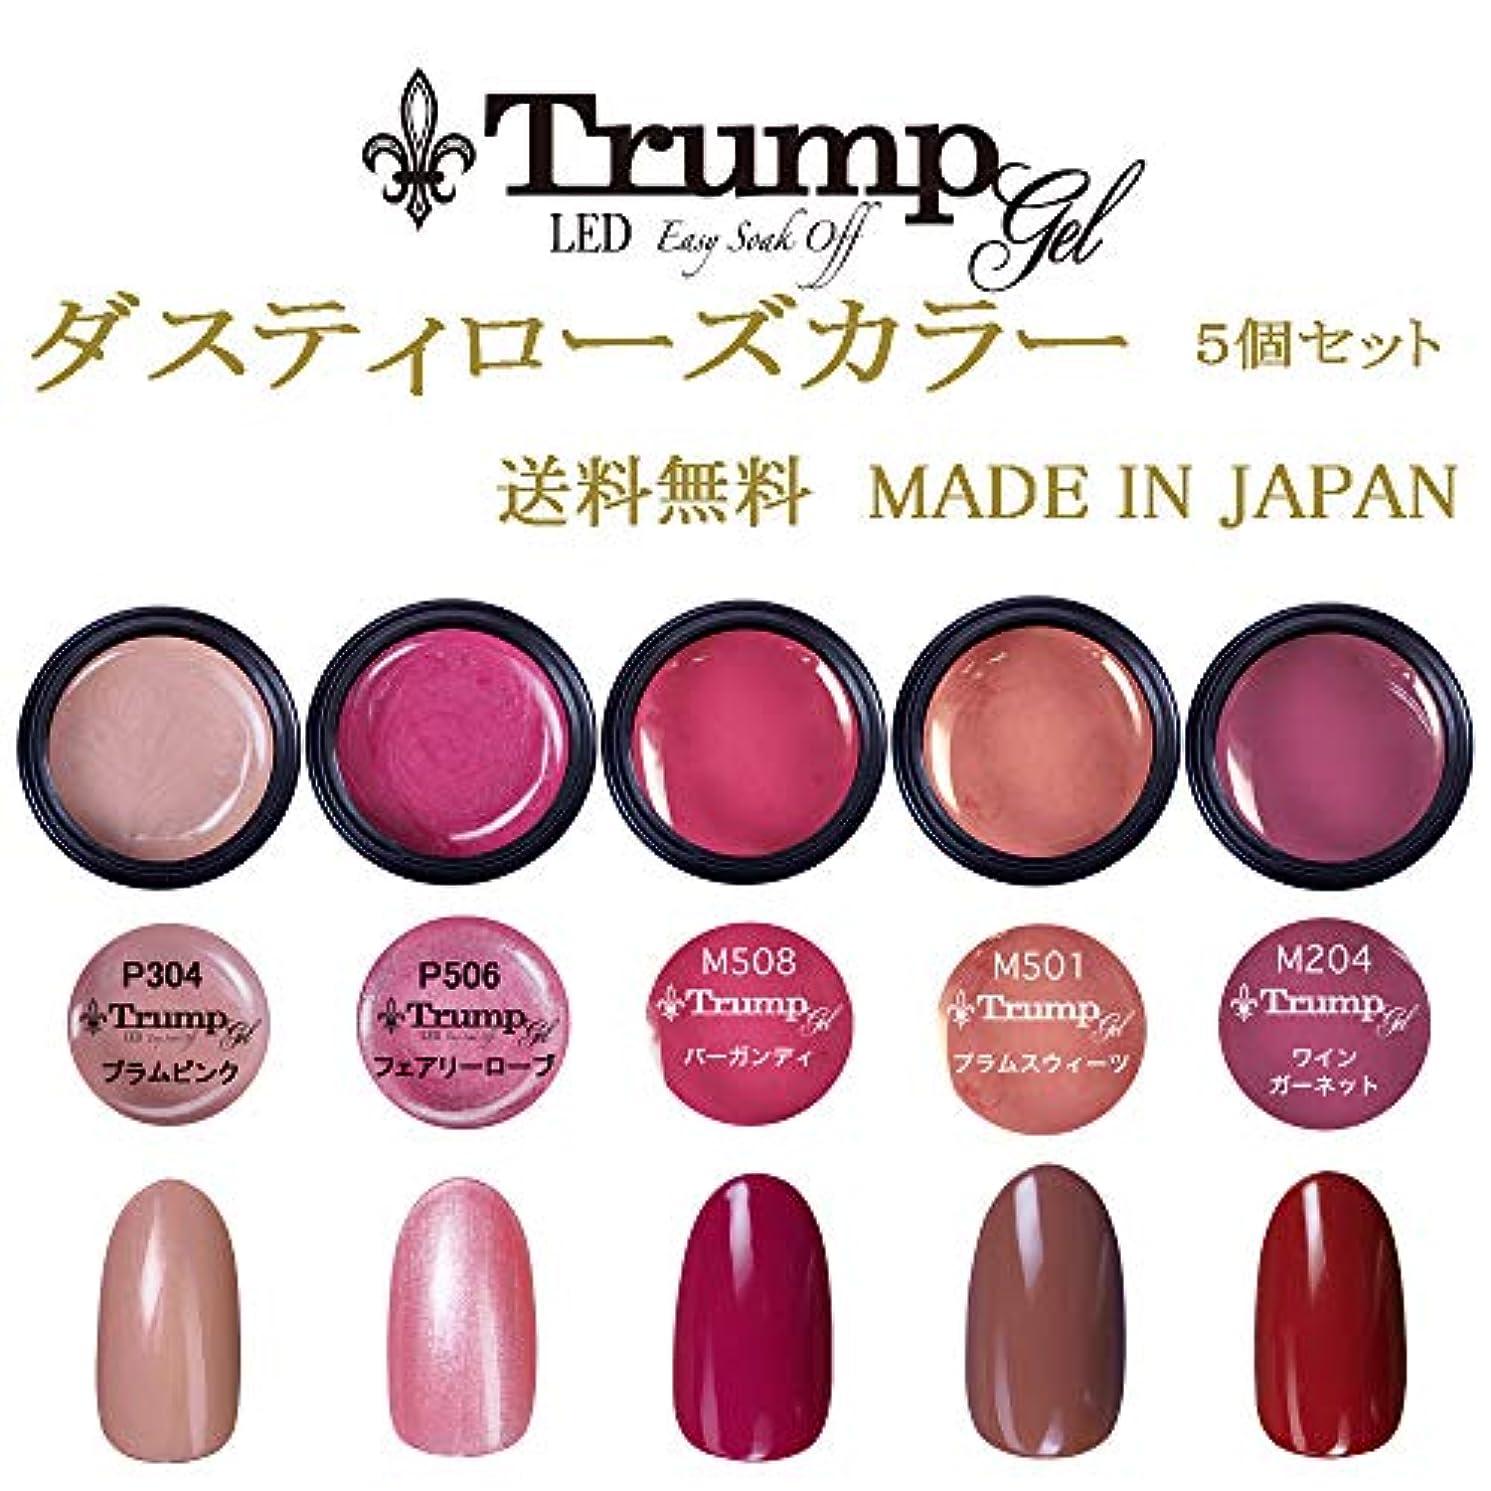 勇敢な壊れた示す【送料無料】日本製 Trump gel トランプジェル ダスティローズカラージェル 5個セット スタイリッシュでオシャレな 白べっ甲カラージェルセット